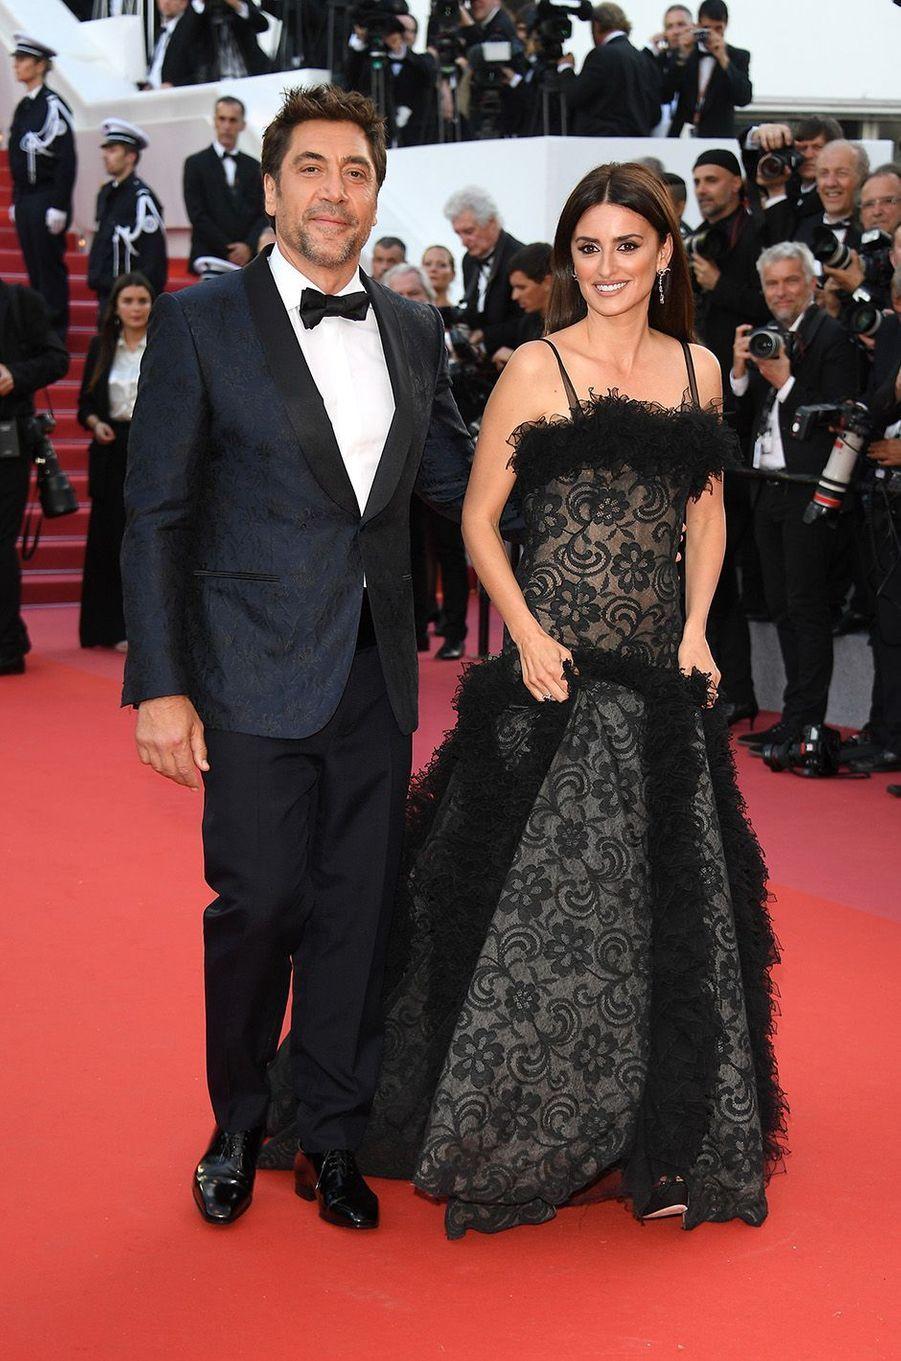 Javier Bardem et Penélope Cruzsur le tapis rouge de la 71e édition du festival de Cannes, le 8 mai 2018.